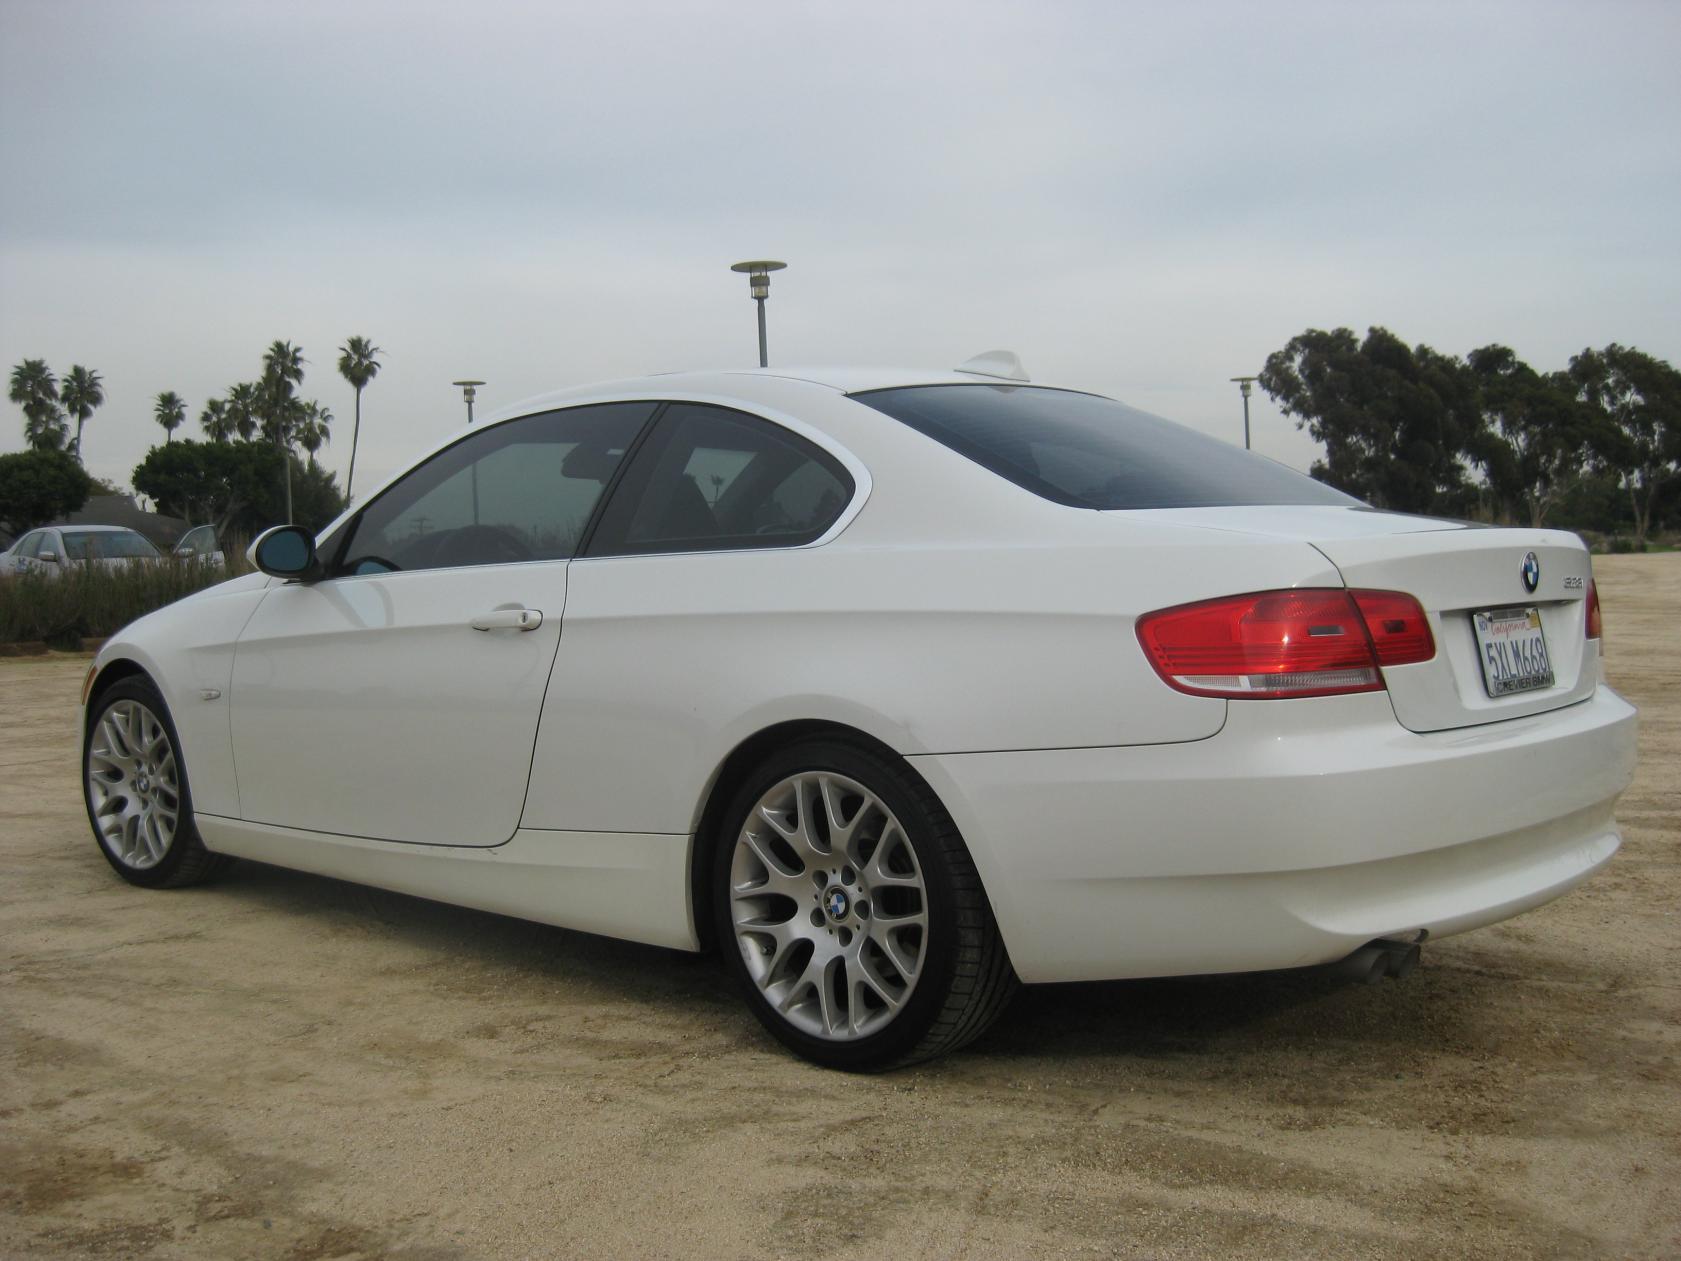 FS BMW I Coupe MT Alpine White - Bmw 328i coupe 2007